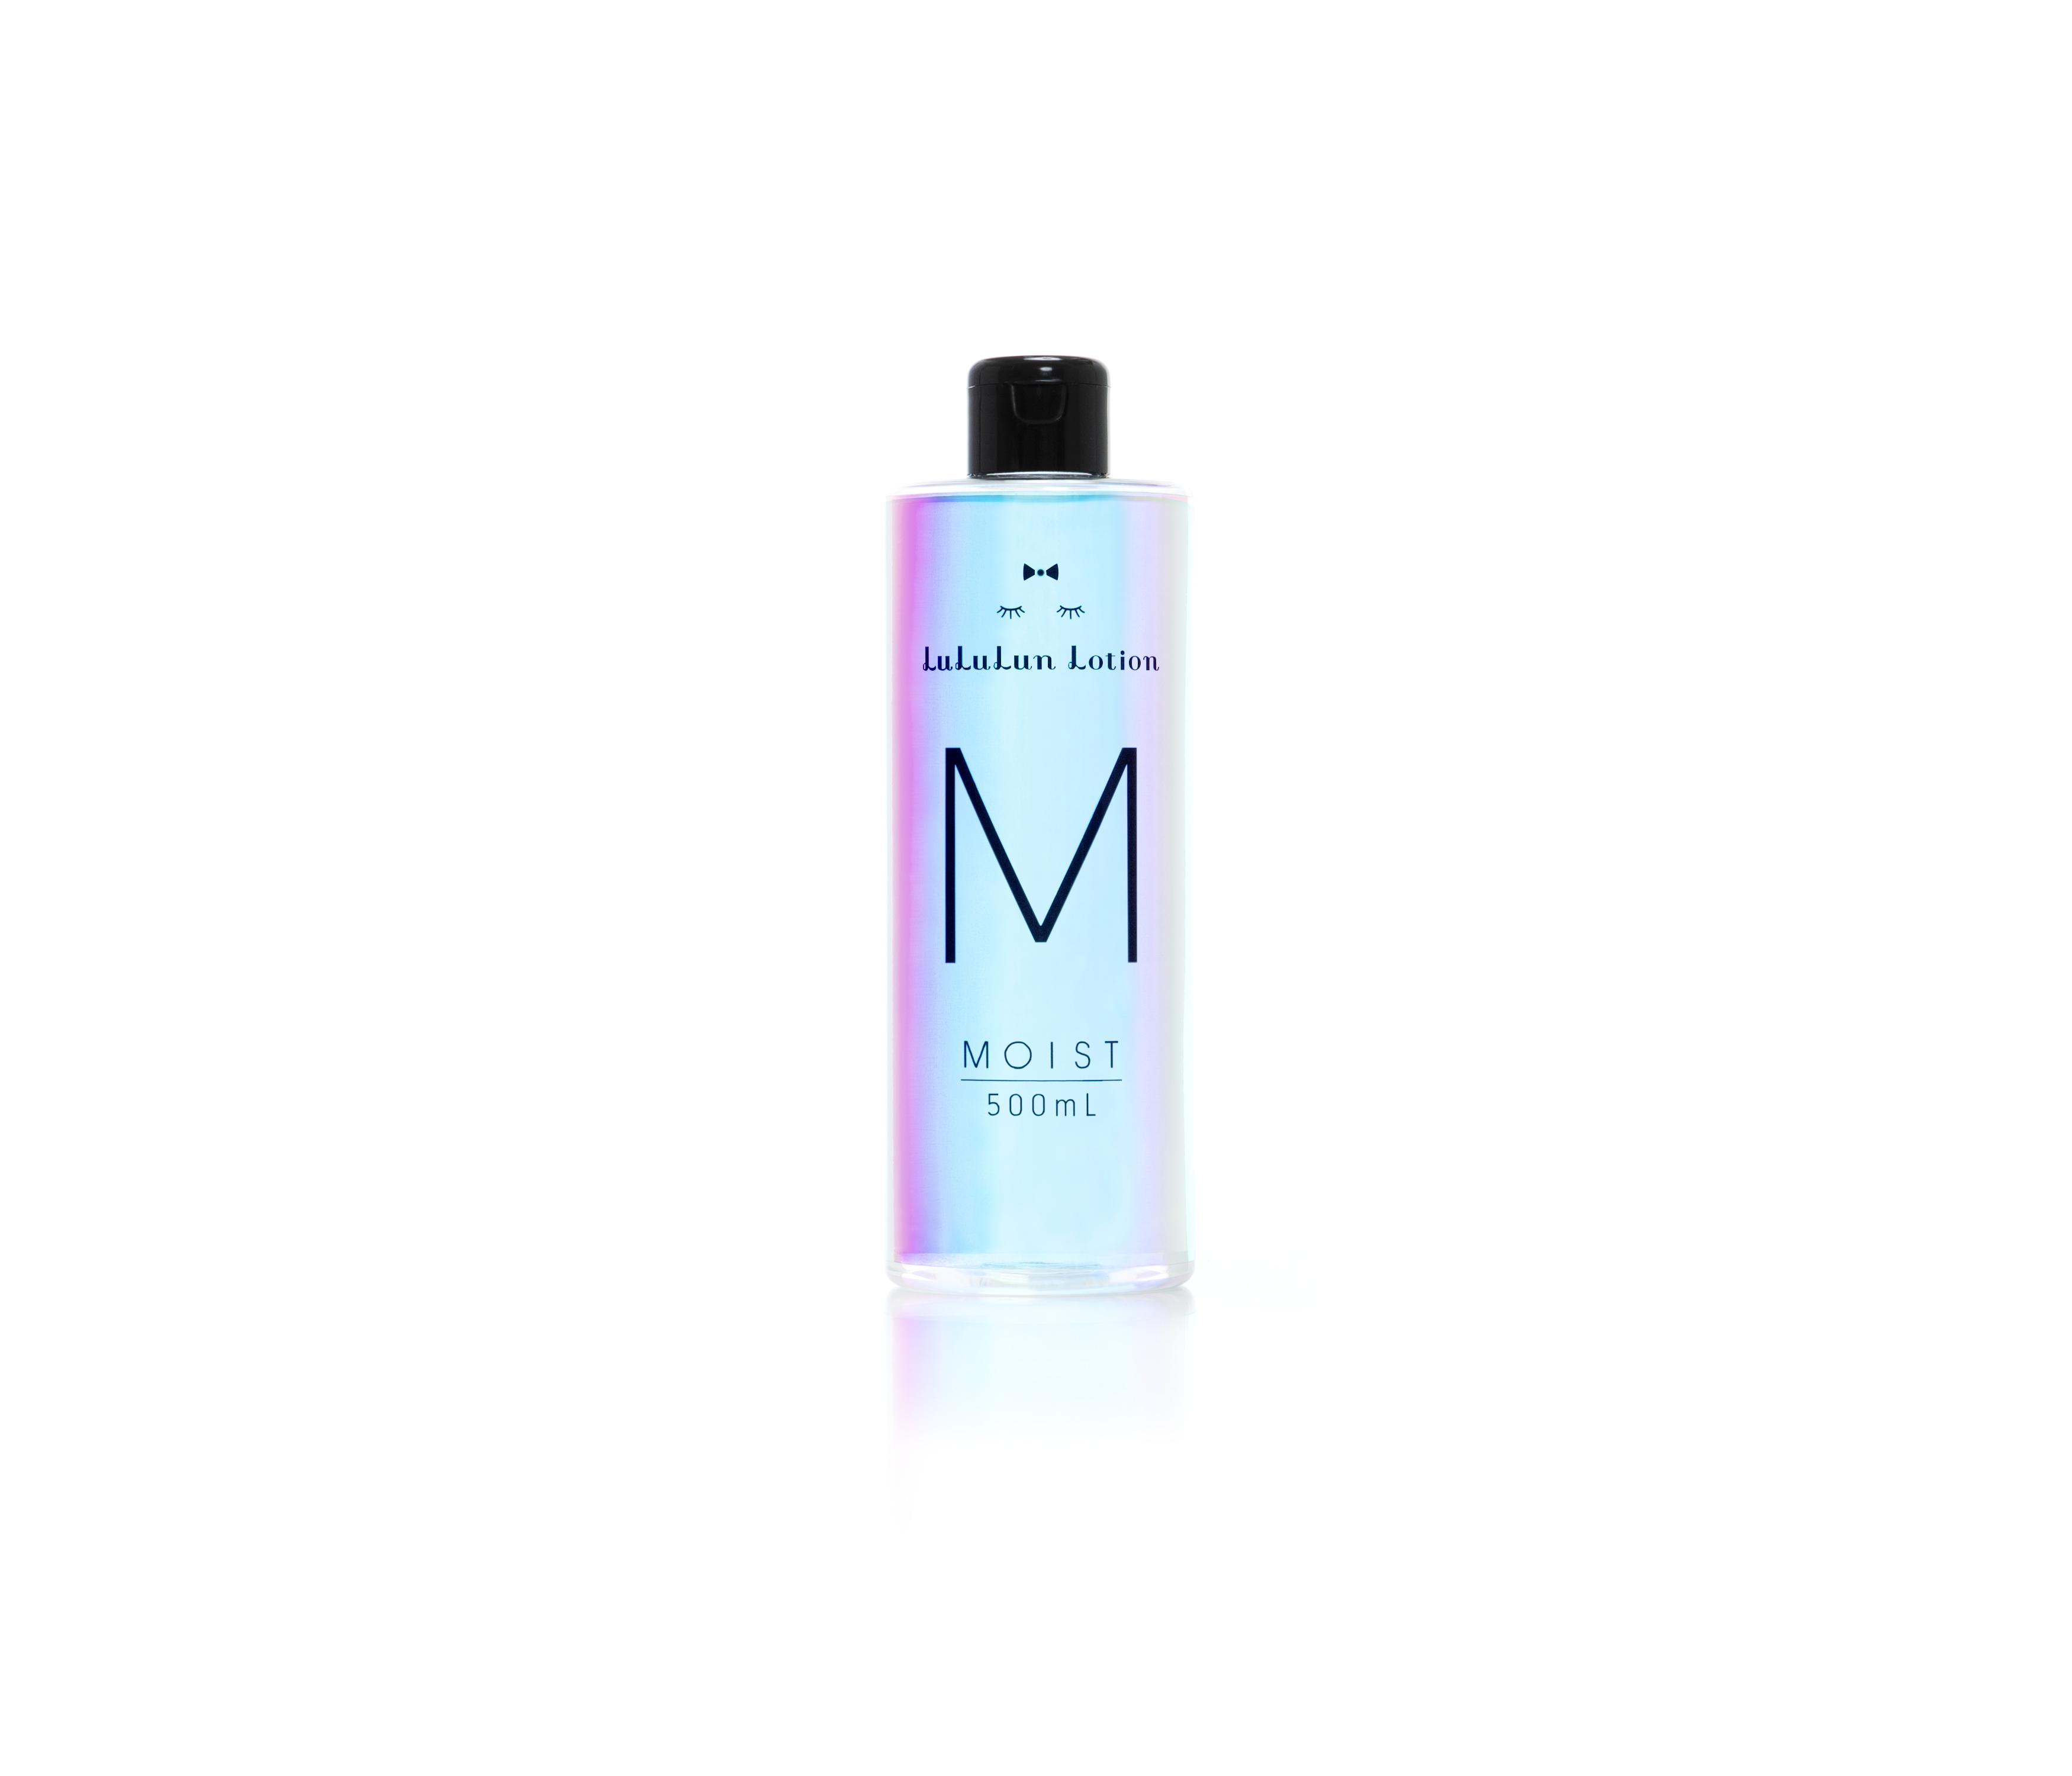 フェイスマスクブランド『ルルルン』から登場する初めての化粧水は、プチプラ&大容量ボトル【新作コスメニュース】_2